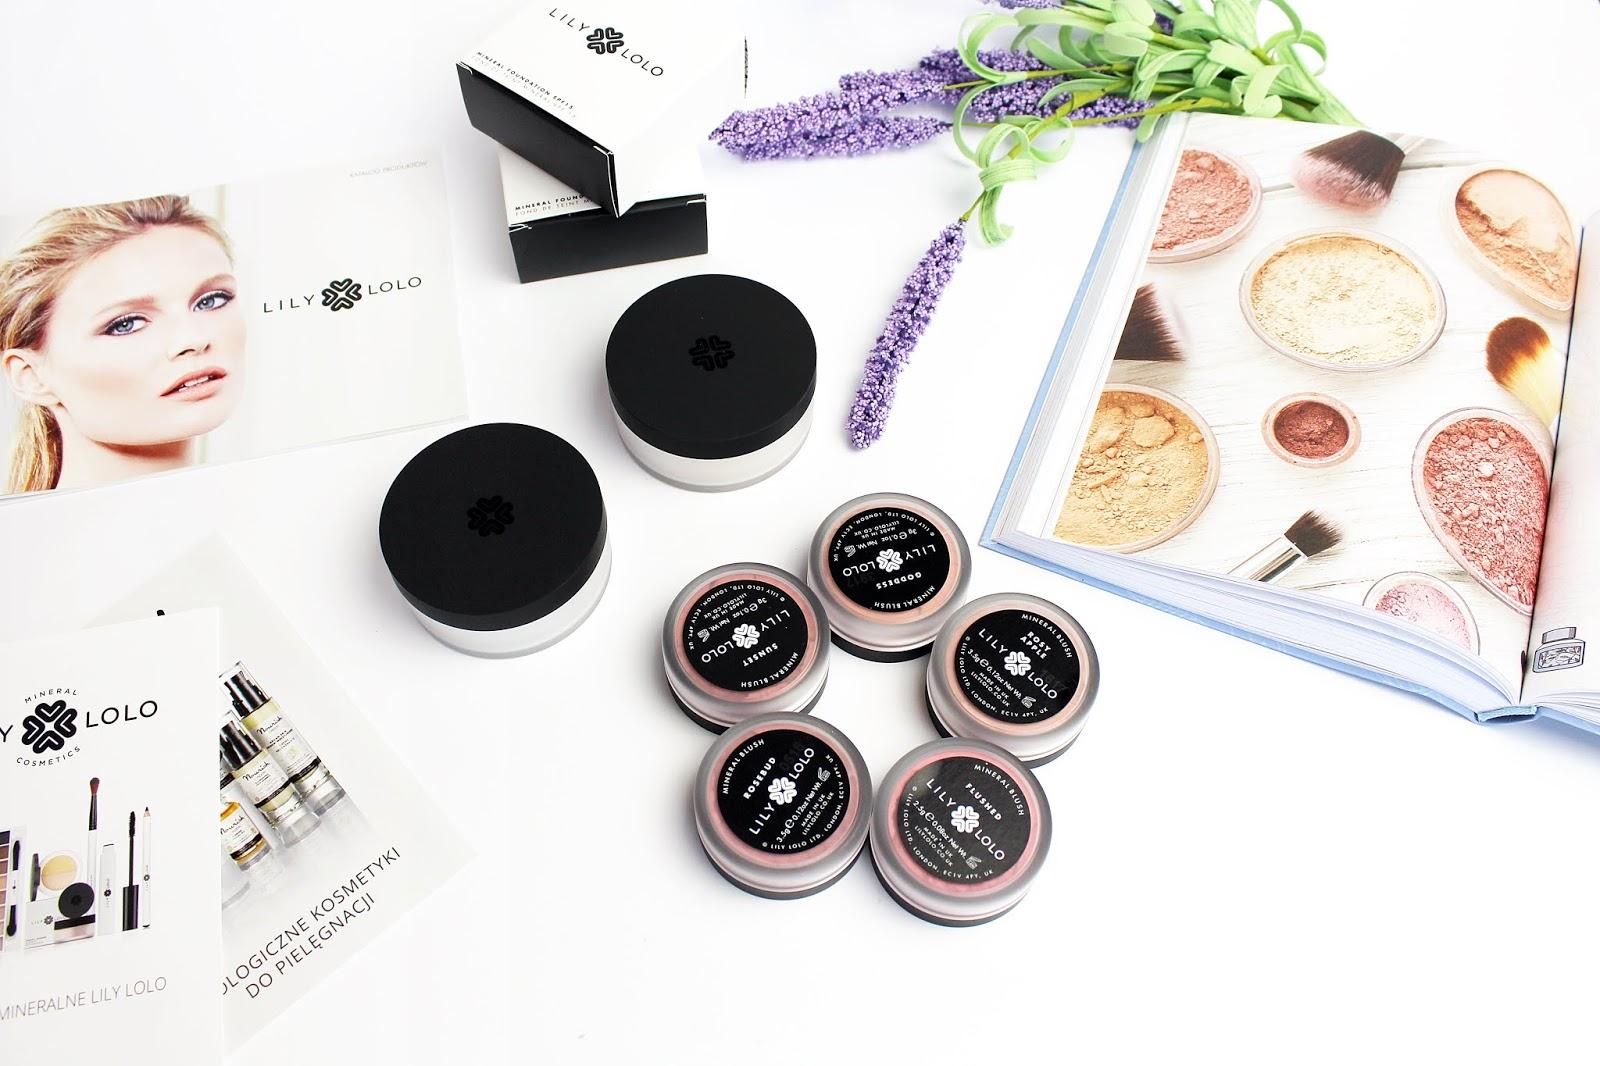 lily lolo, minerały, naturalne kosmetyki, mineralne kosmetyki, podkład mineralny, mineralny róż, minerały czy warto, dlaczego warto używać minerałów, cień mineralny, kabuki